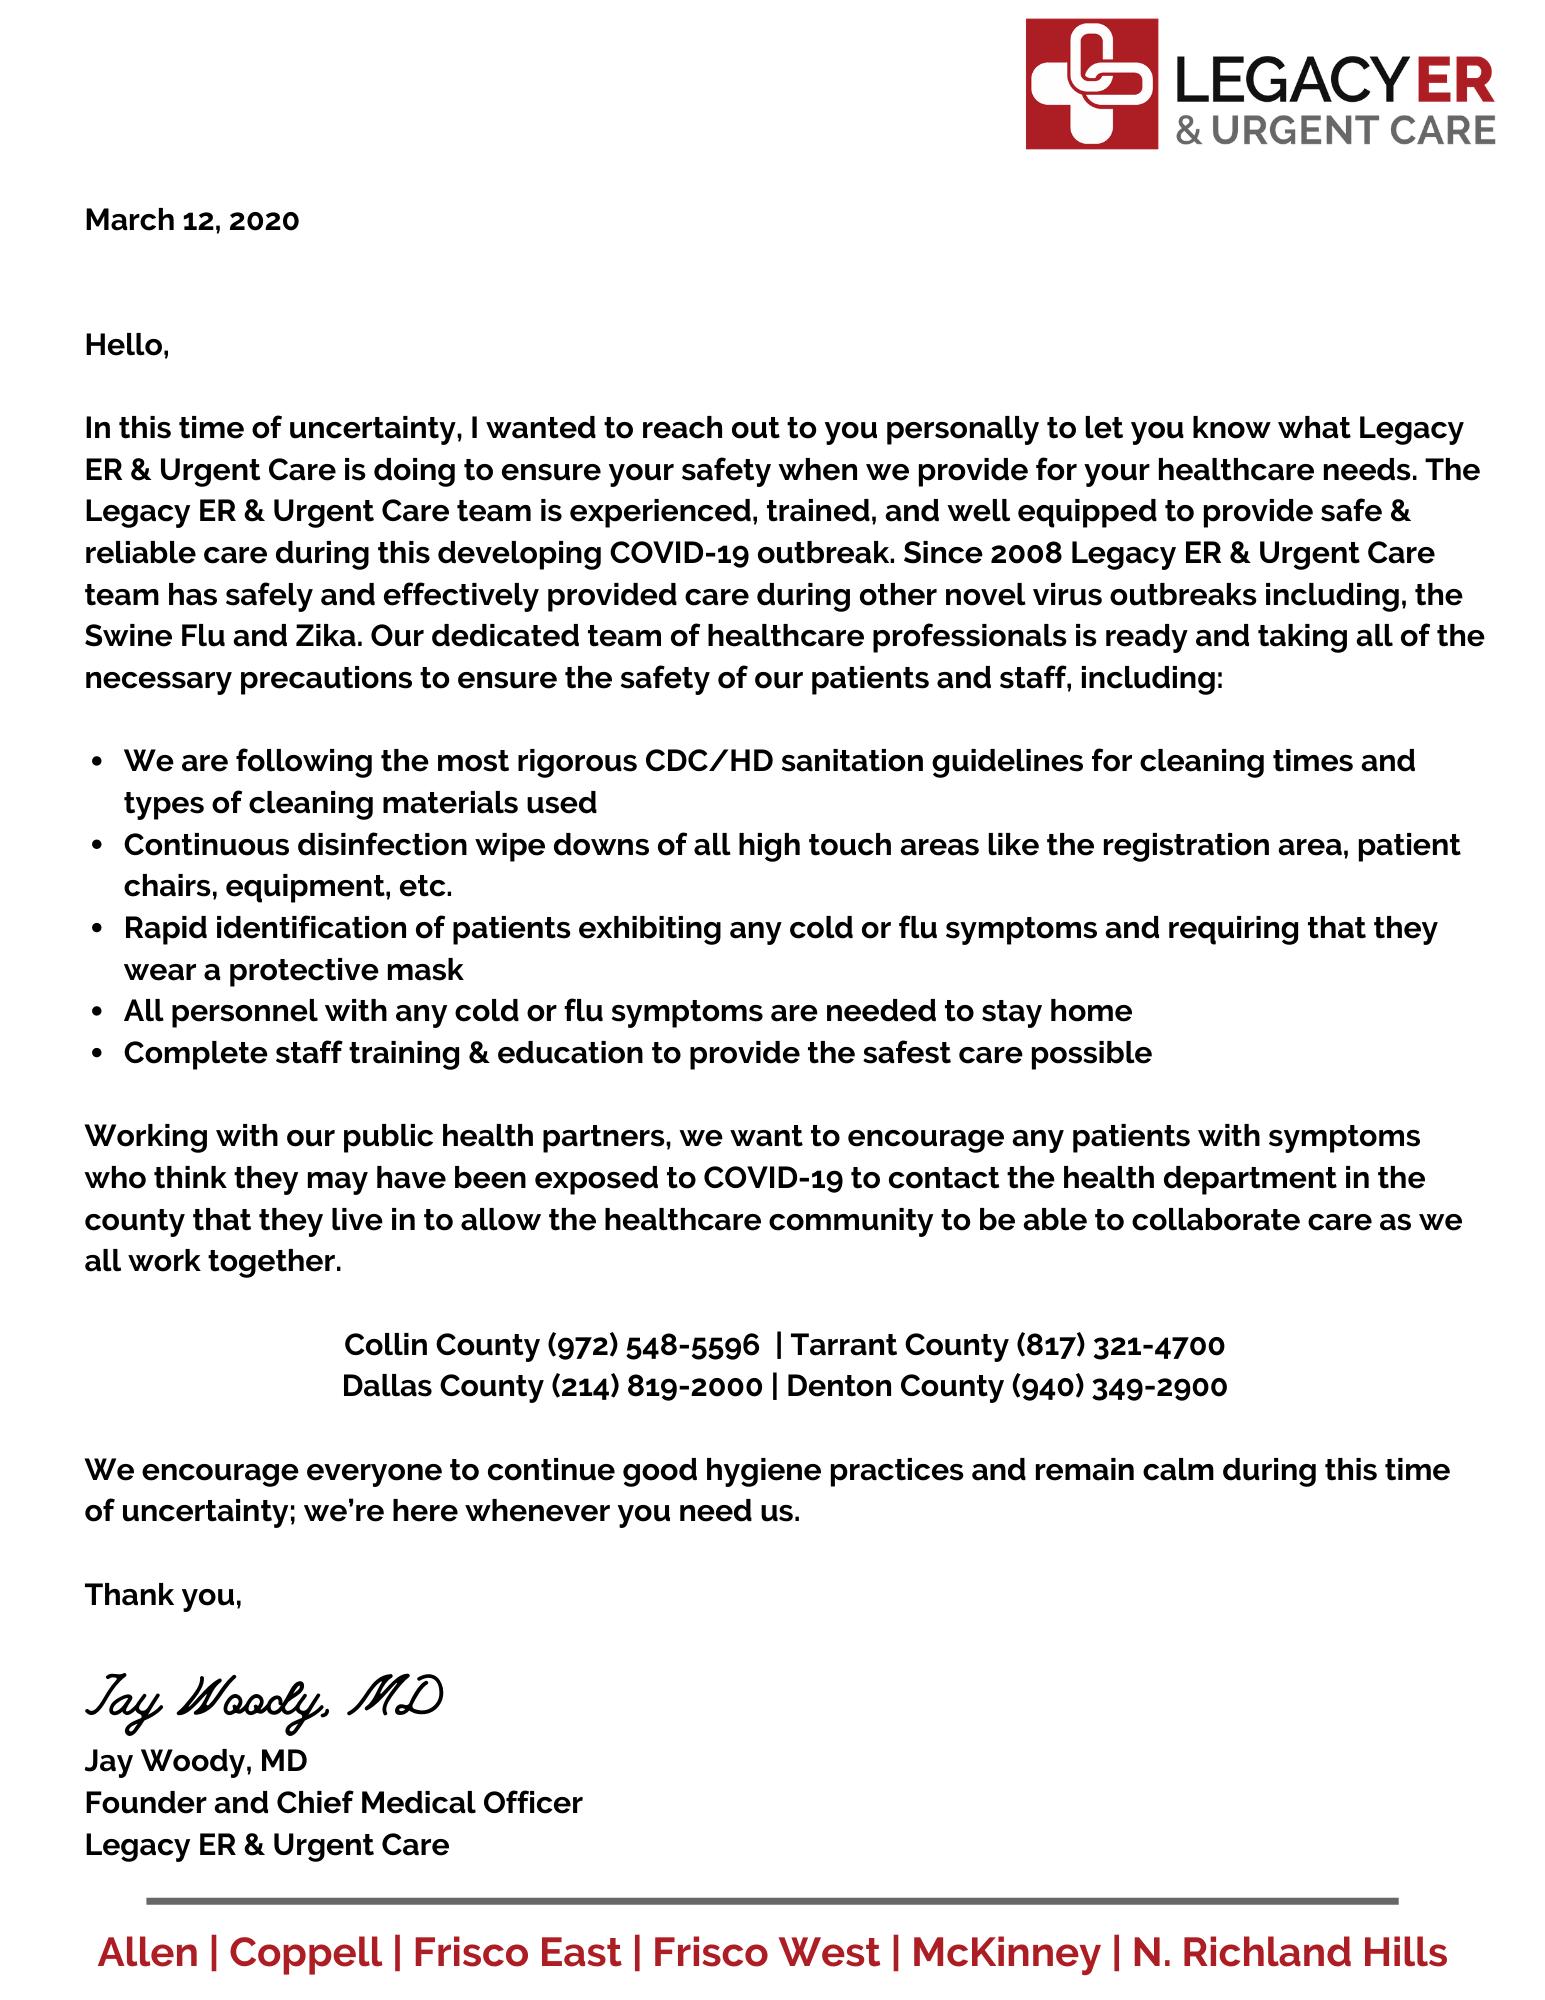 COVID-19 Legacy ER & Urgent Care Update